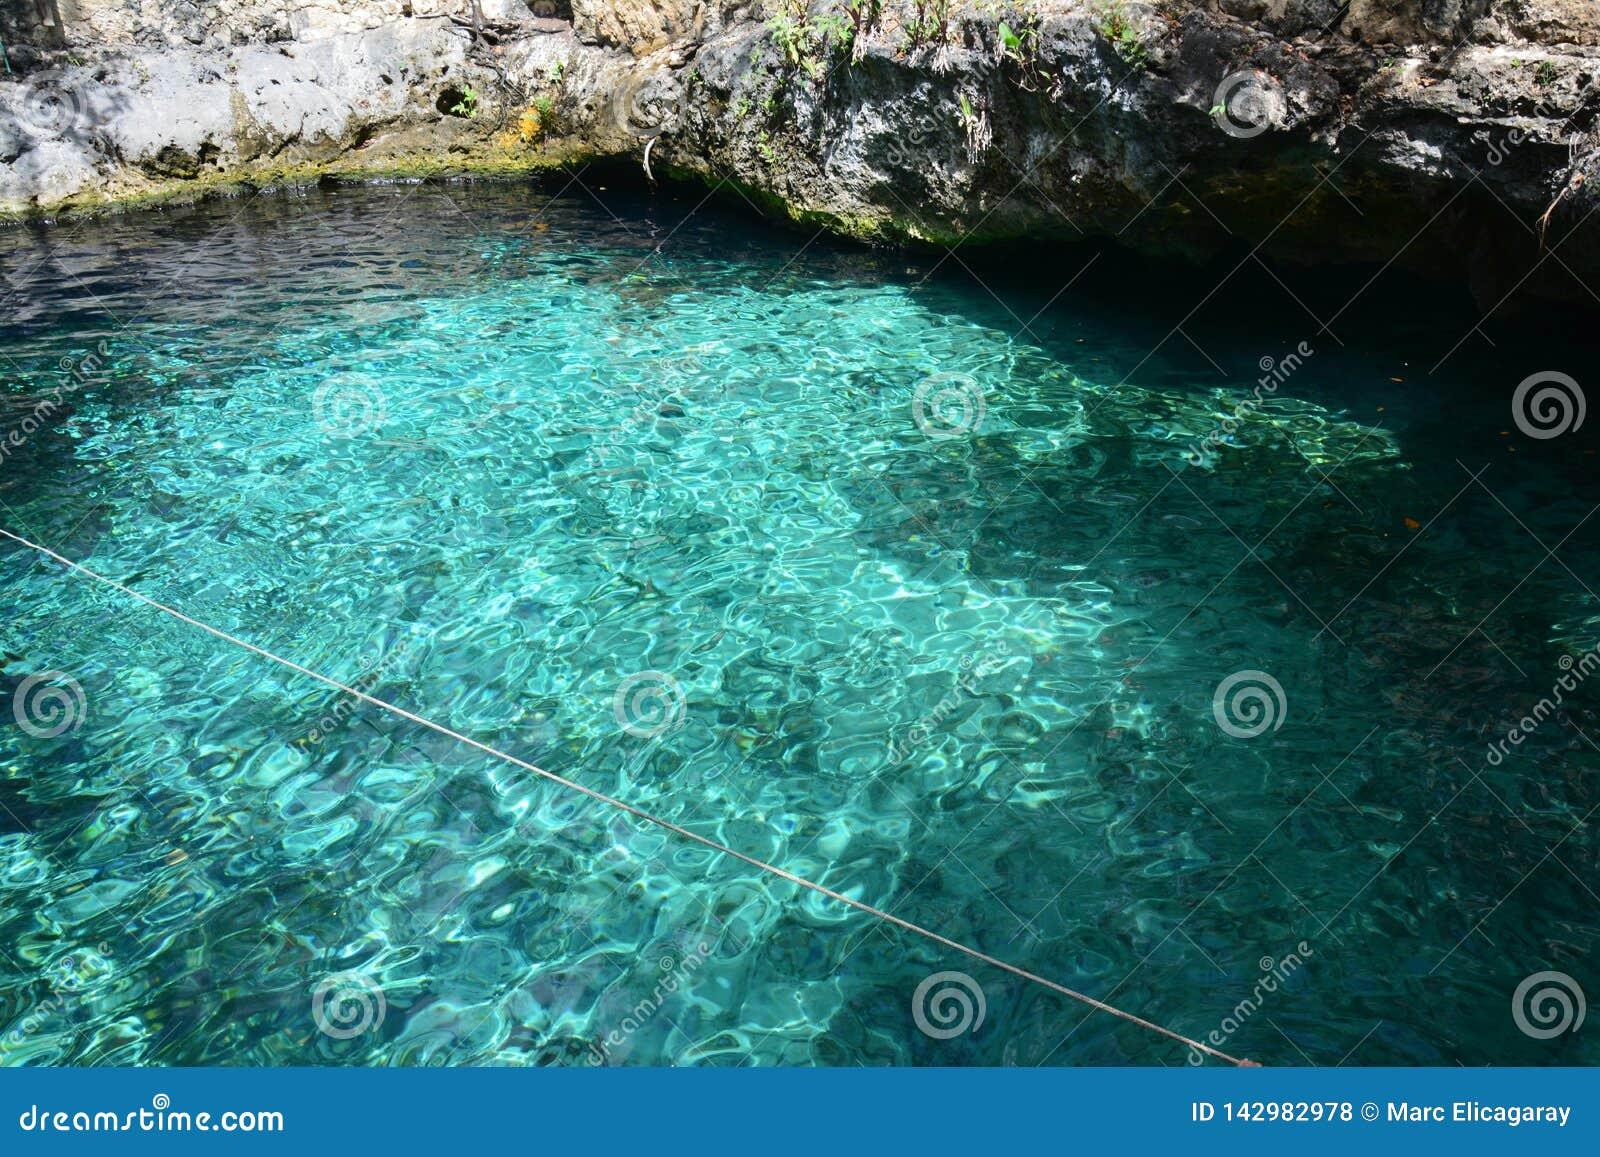 Cenote Zacil Ha near Tulum Mexico